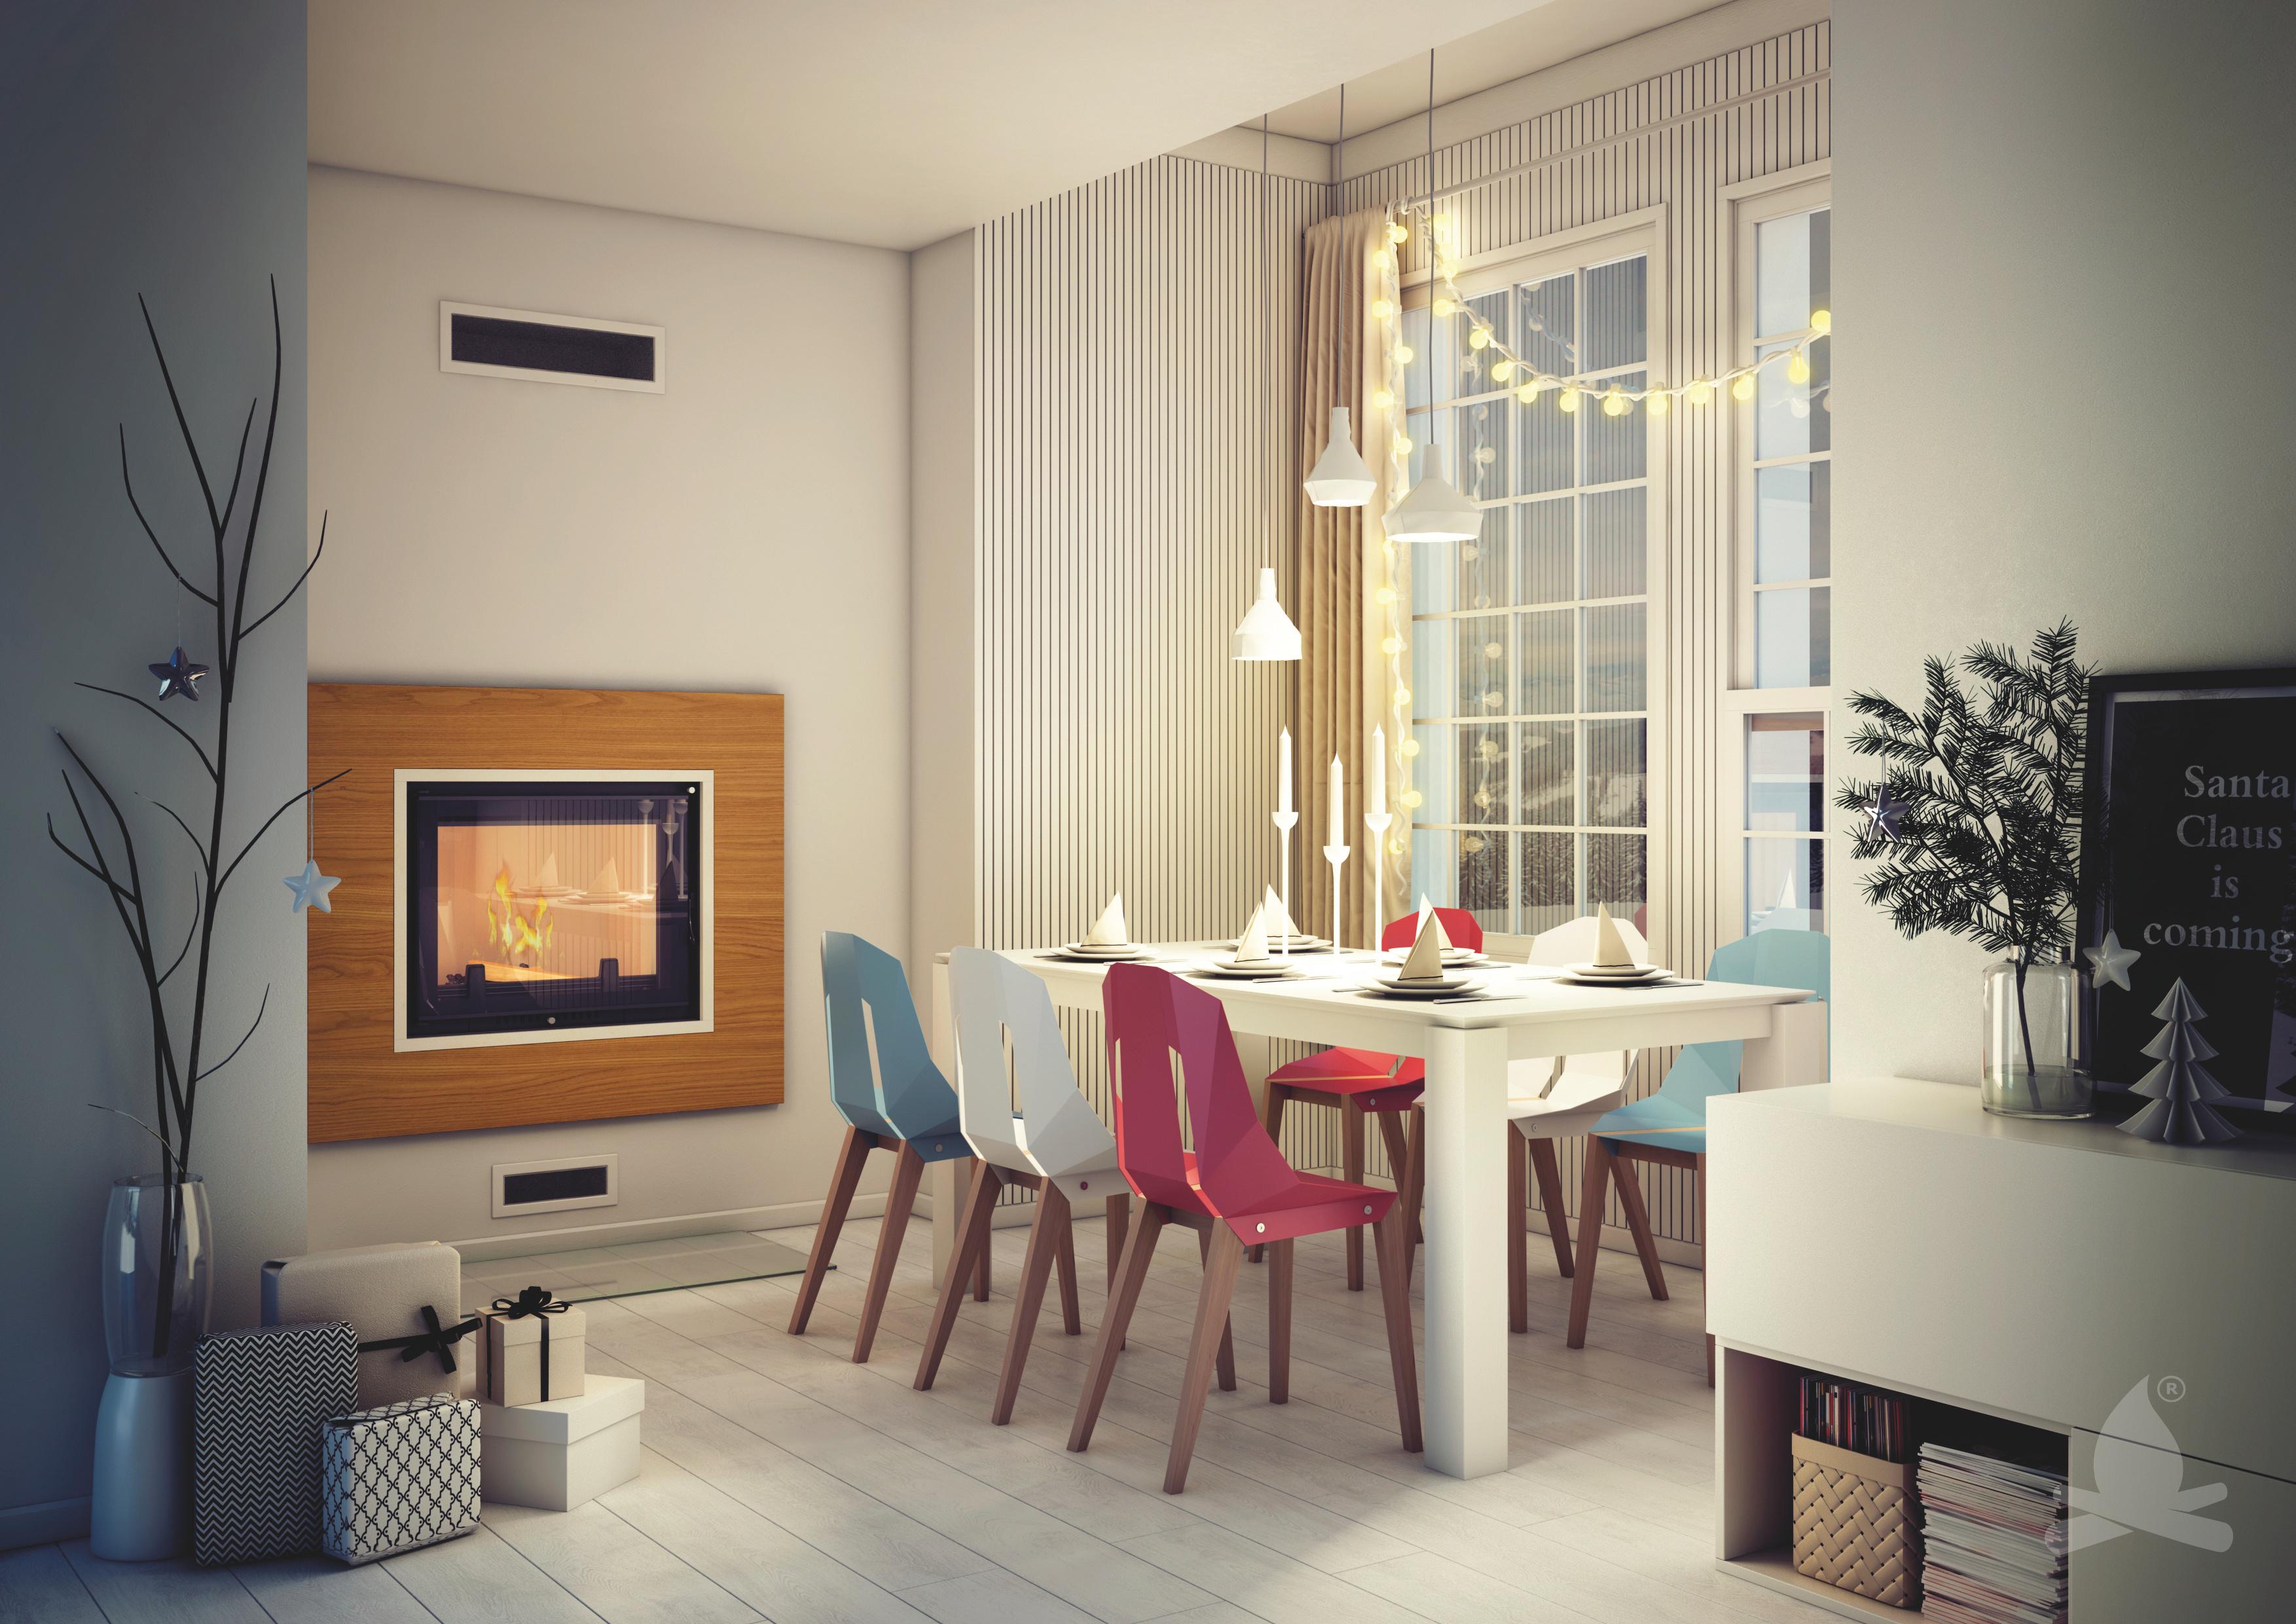 (P) Șemineul cu puterea unei centrale termice există și va arăta superb în casa ta!